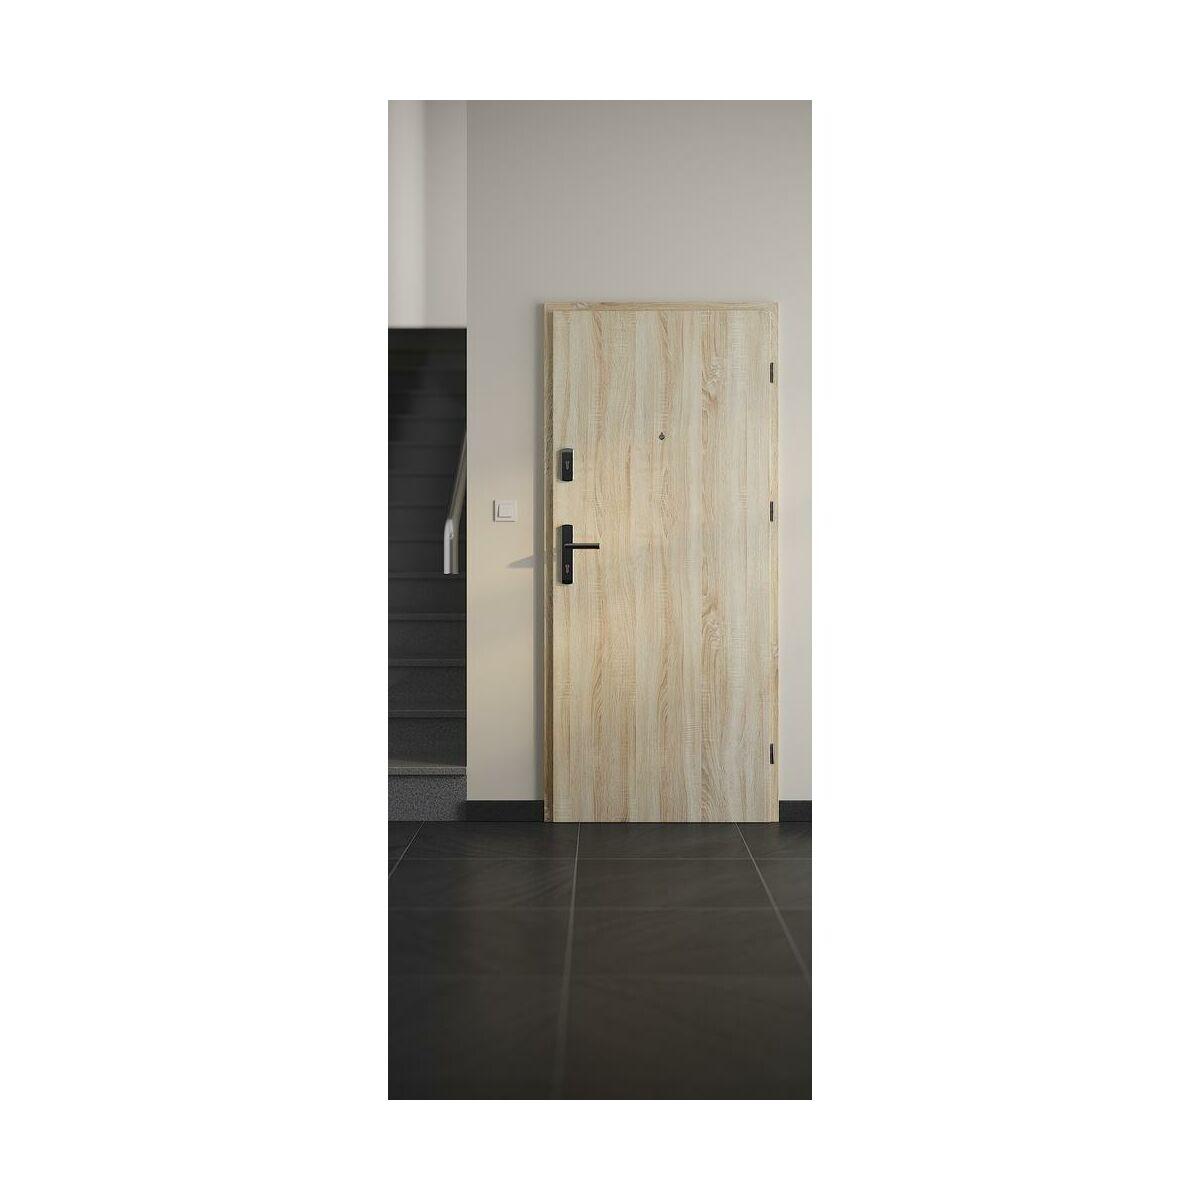 Drzwi Wejsciowe Hektor 32 Dab Sonoma 80 Prawe Domidor Drzwi Zewnetrzne Do Mieszkania W Atrakcyjnej Cenie W Sklepach Leroy Merlin